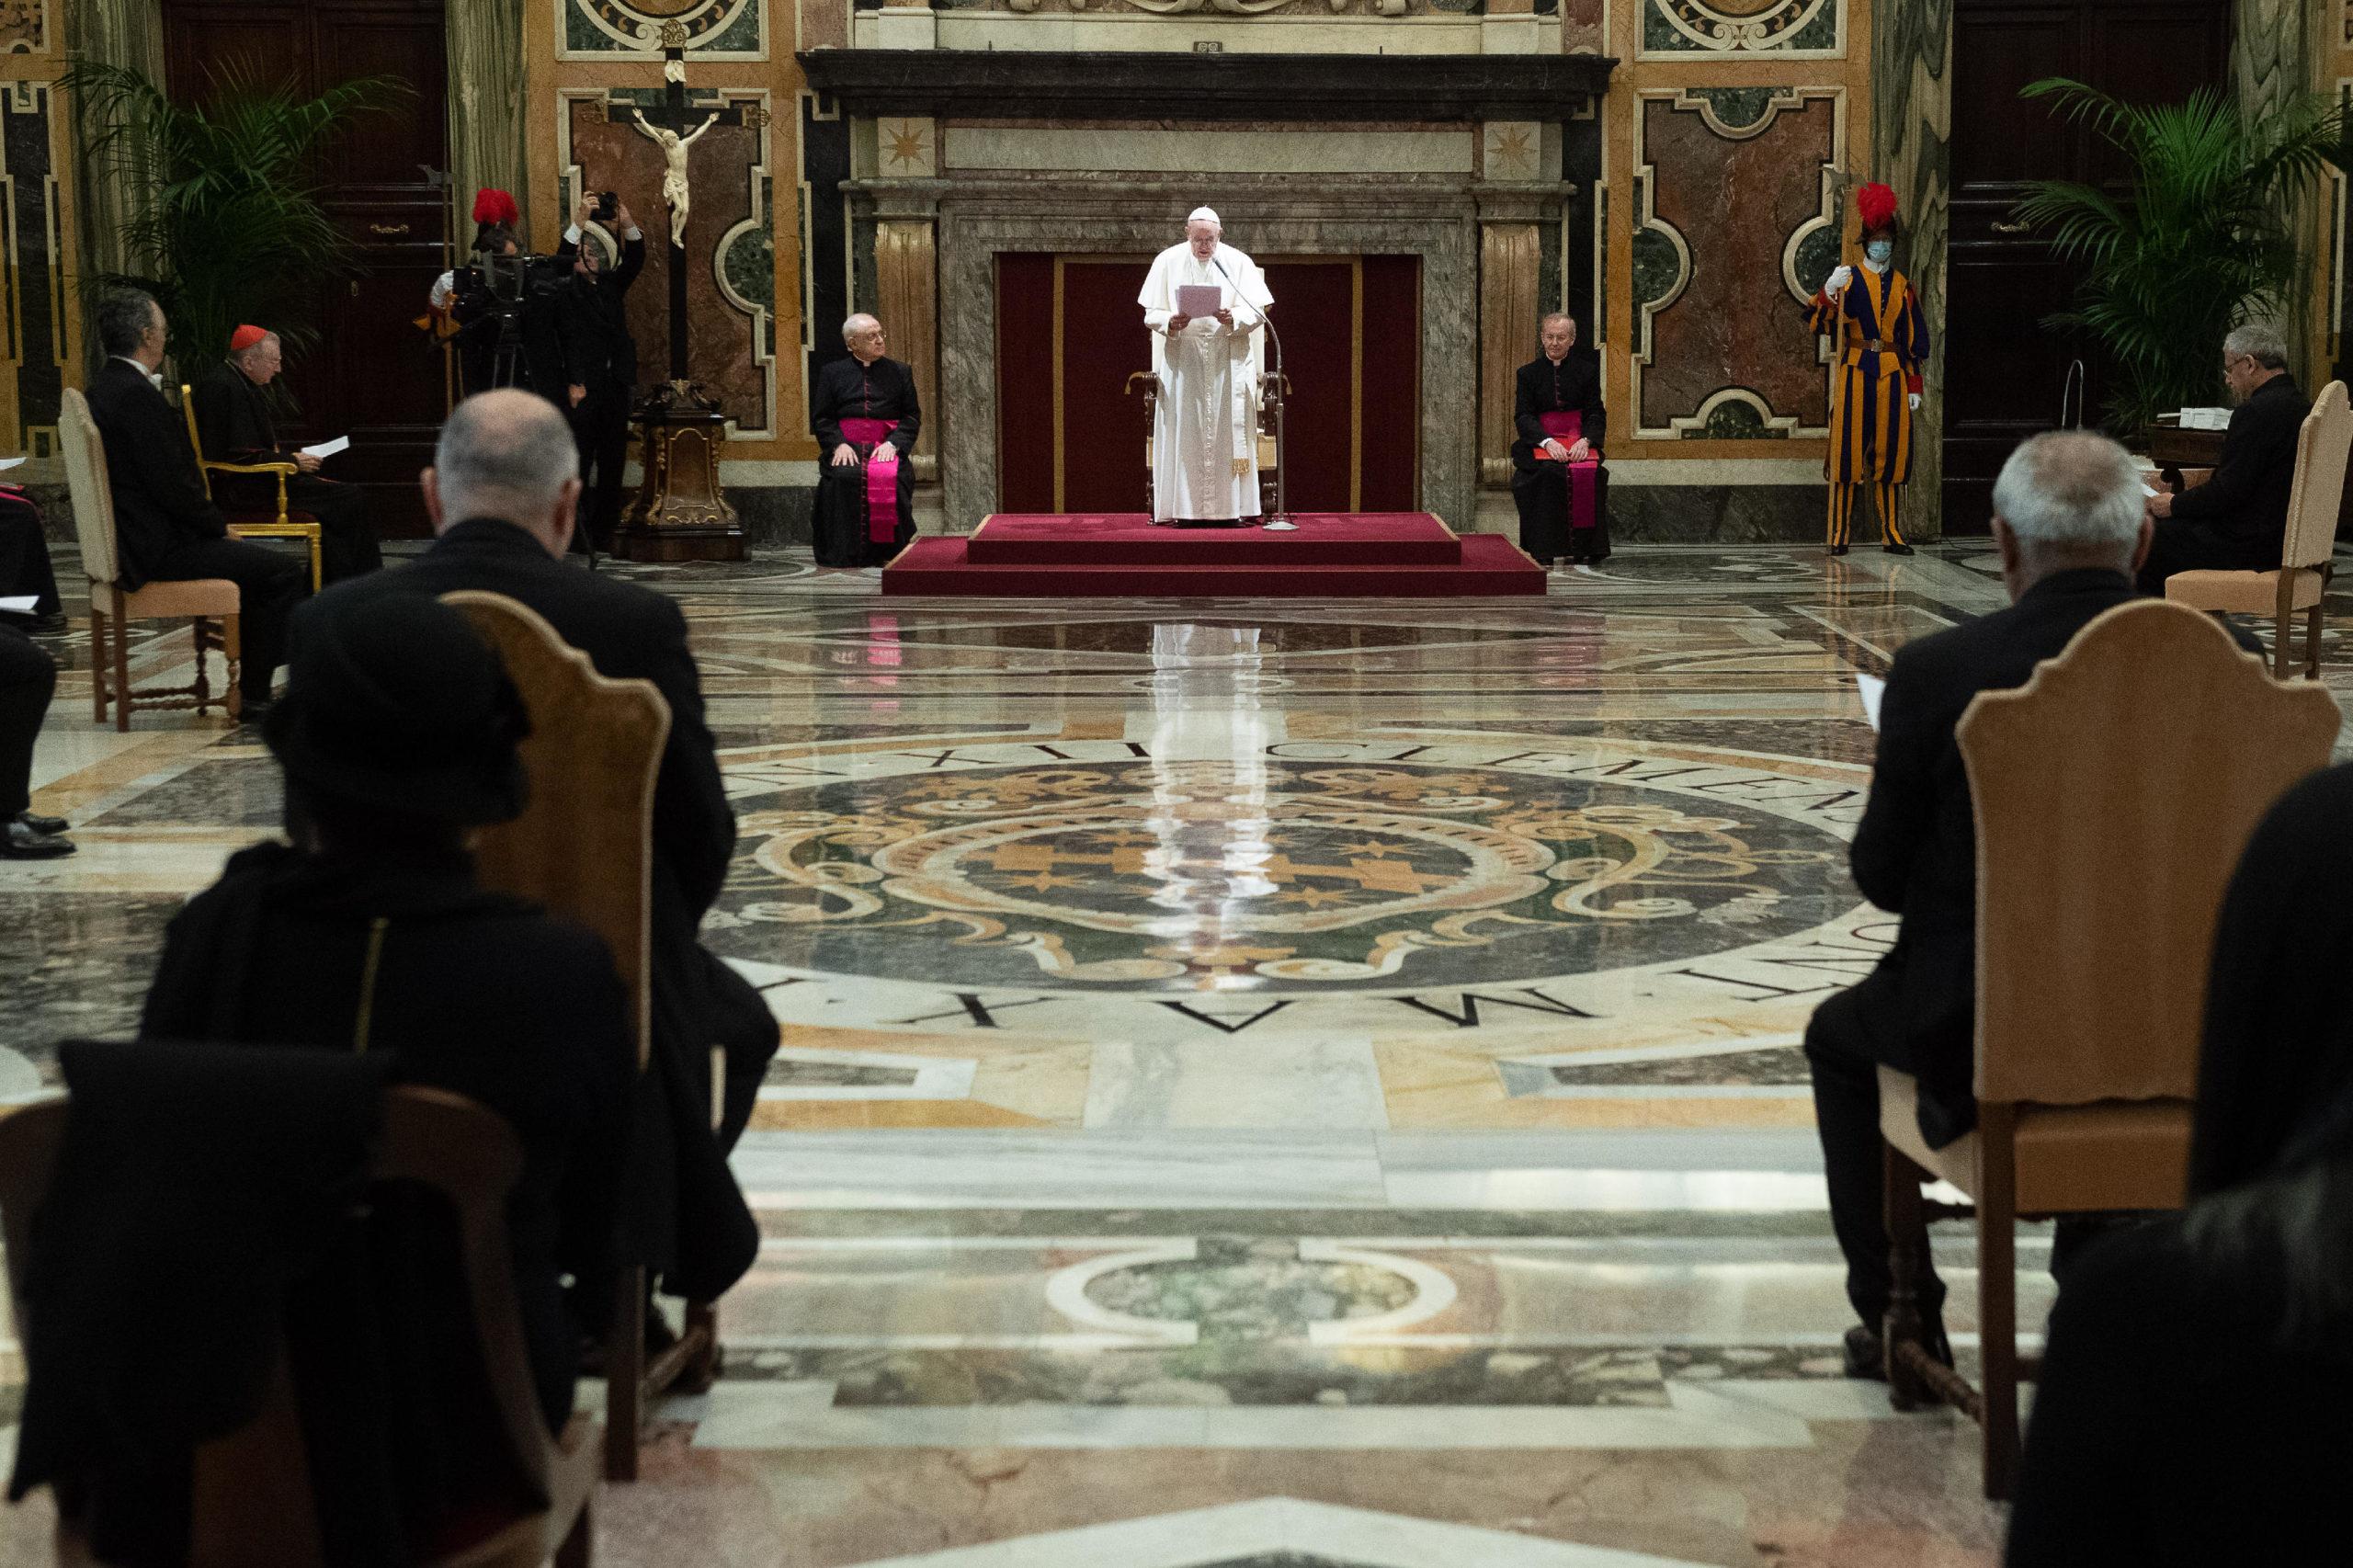 Le pape reçoit des ambassadeurs, 4 décembre 2020 ©Vatican Media